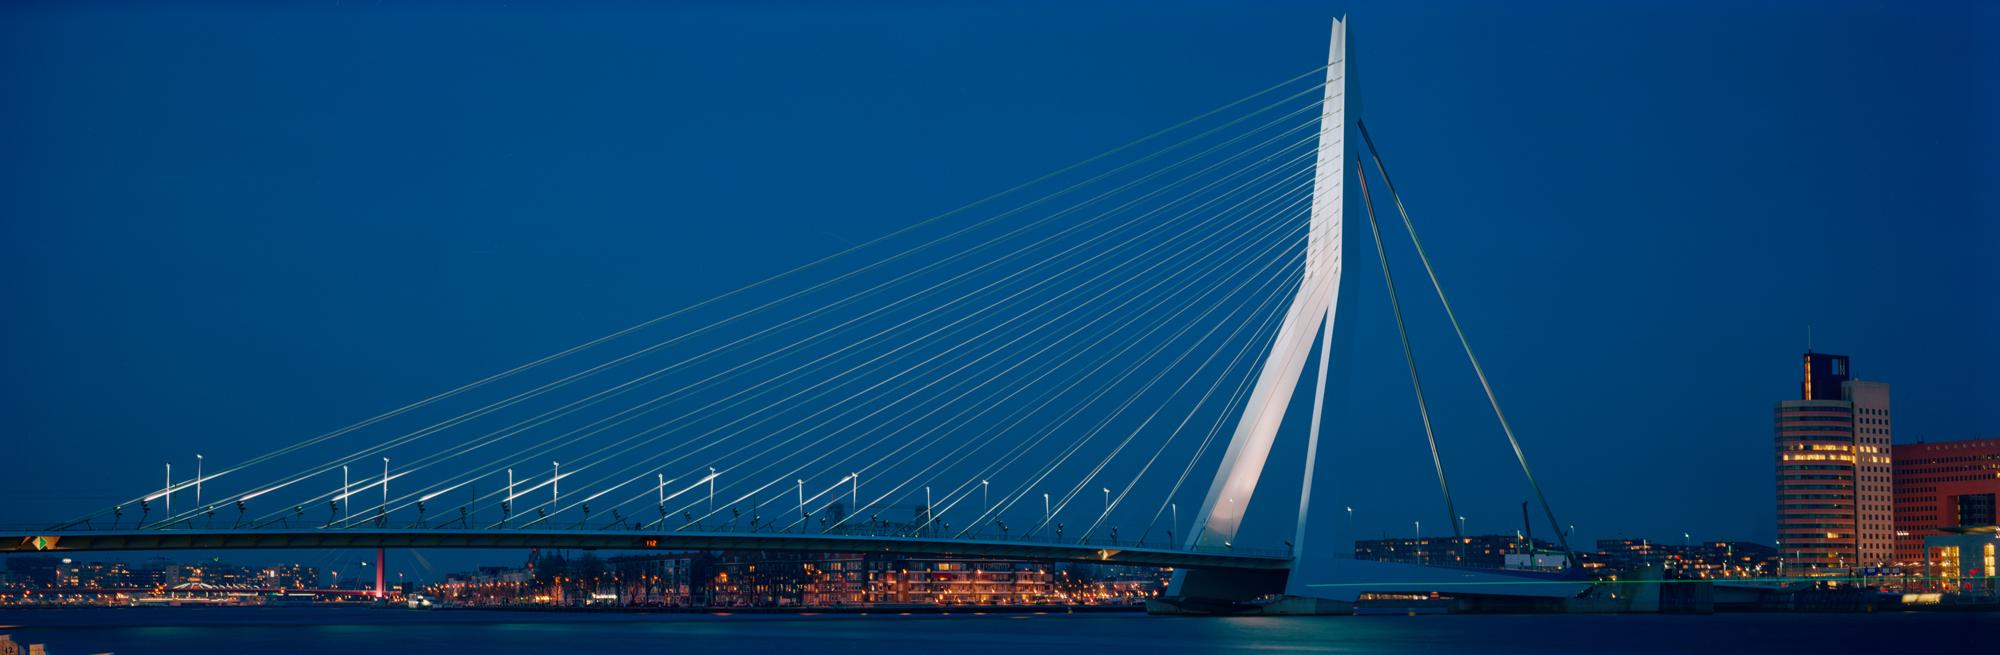 Der Architekturfotograf und Fotokünstler Markus Bollen aus Bergisch Gladbach bei Köln hat die Brücke über Nieuwe Maas der Architekten Van Merkel & Bos fotografiert.